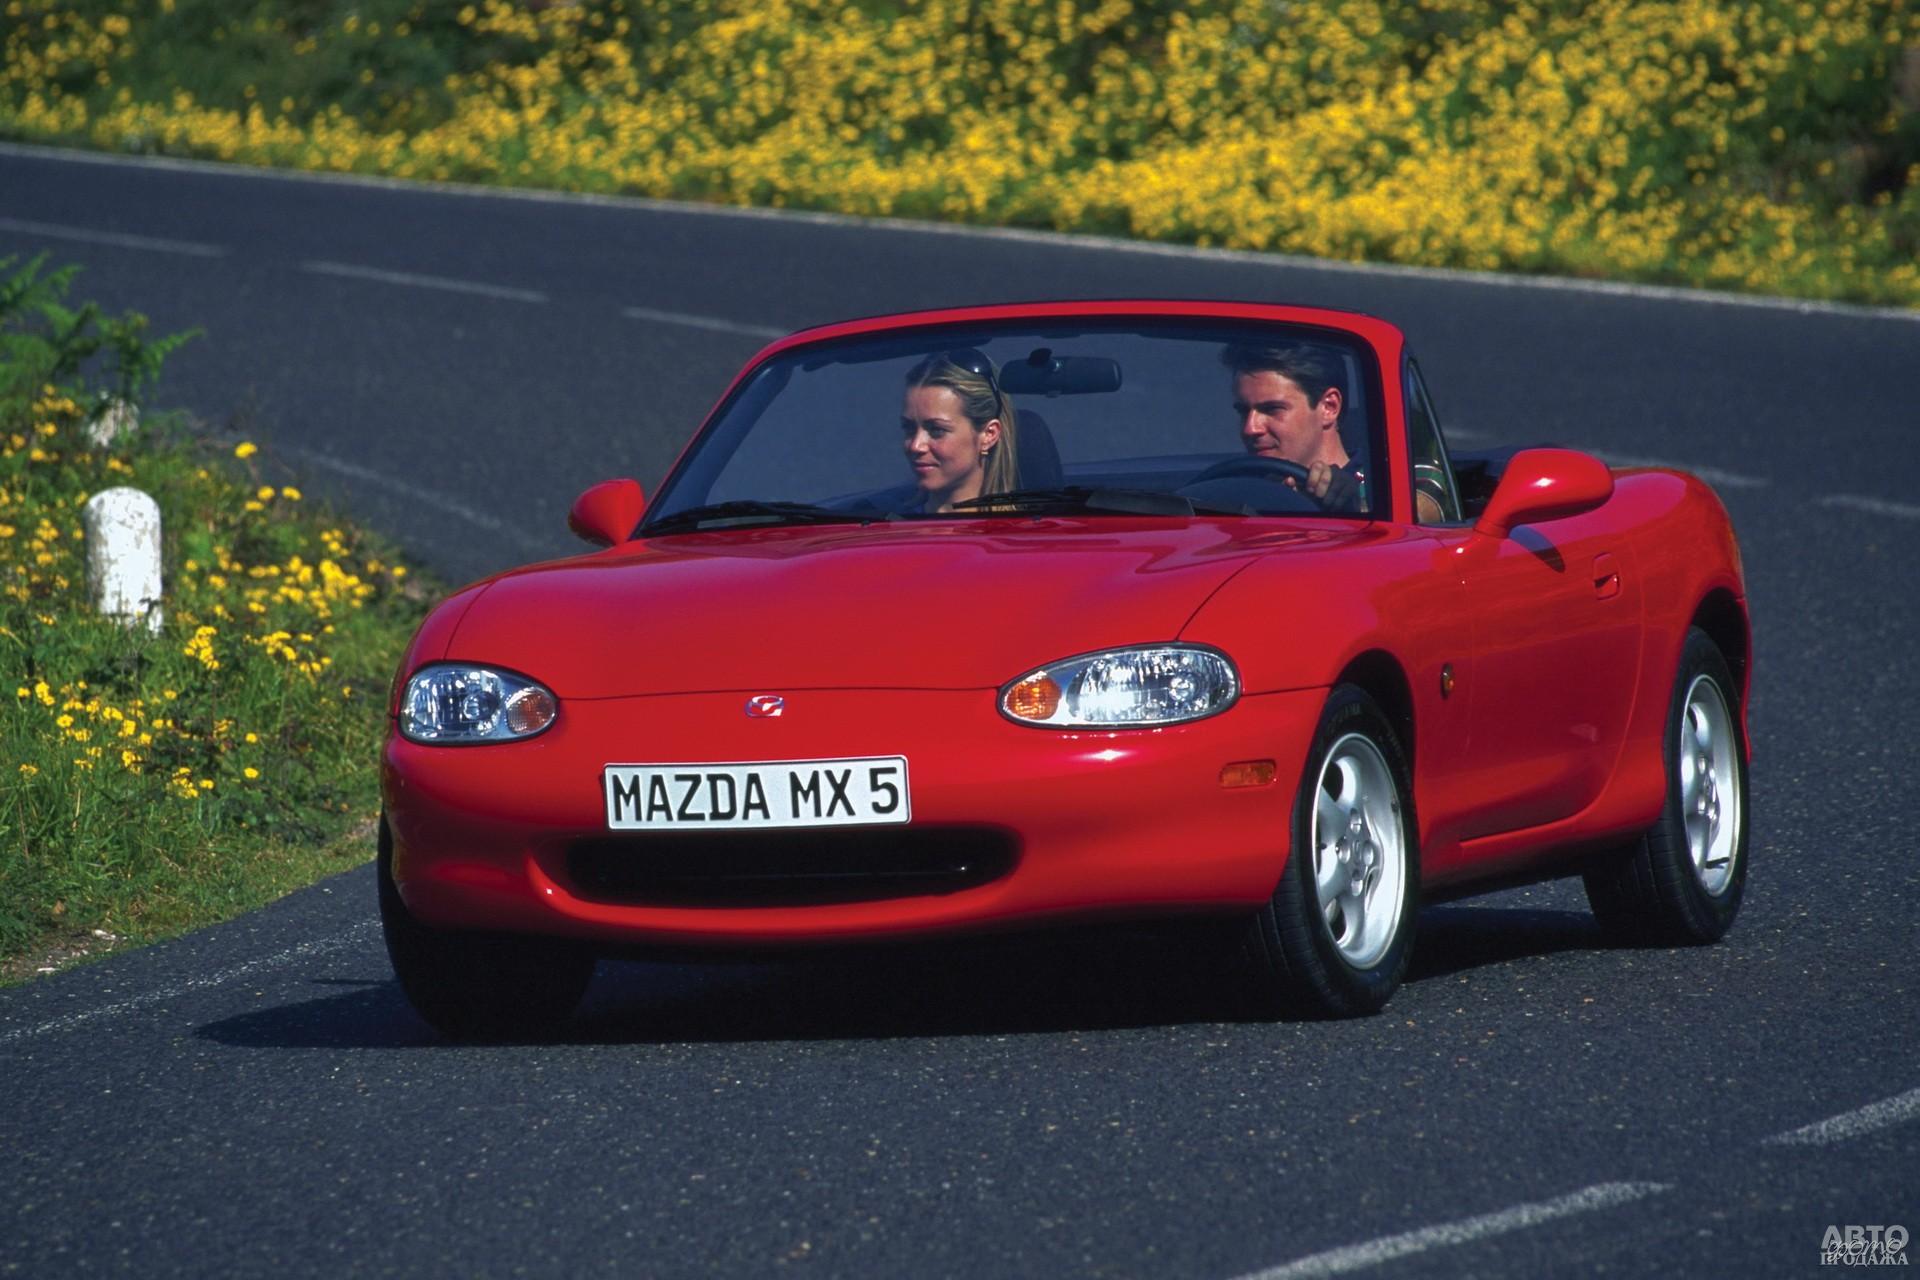 Mаzda MX-5 второго поколения появился в 1998 году